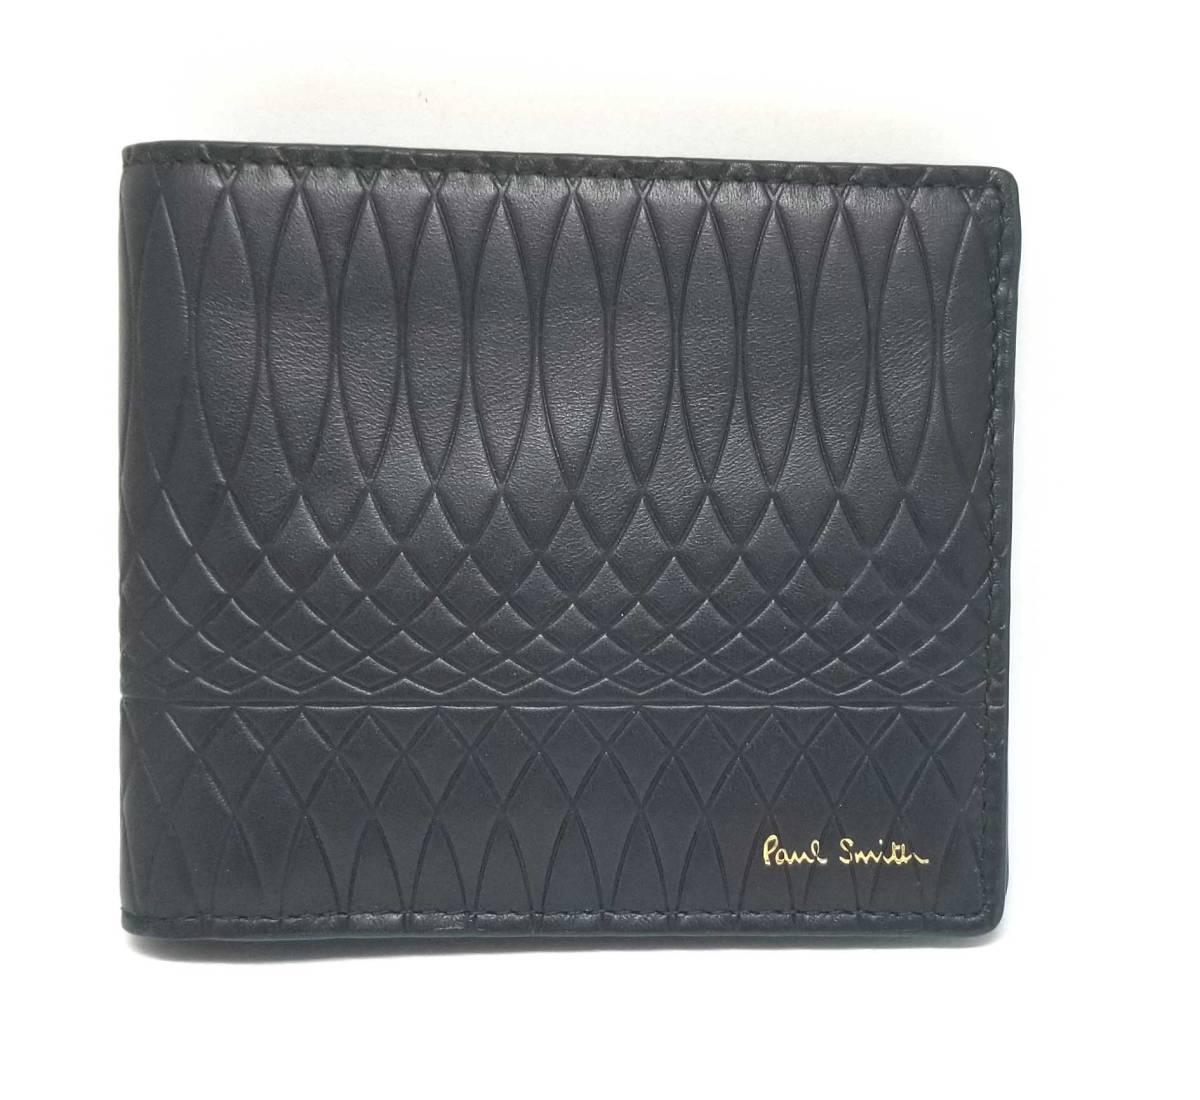 ポールスミス No.9 札入れ 財布 ブラック レザー 二つ折り メンズ 黒 PaulSmith 本革 型押し 二つ折り財布 【中古】